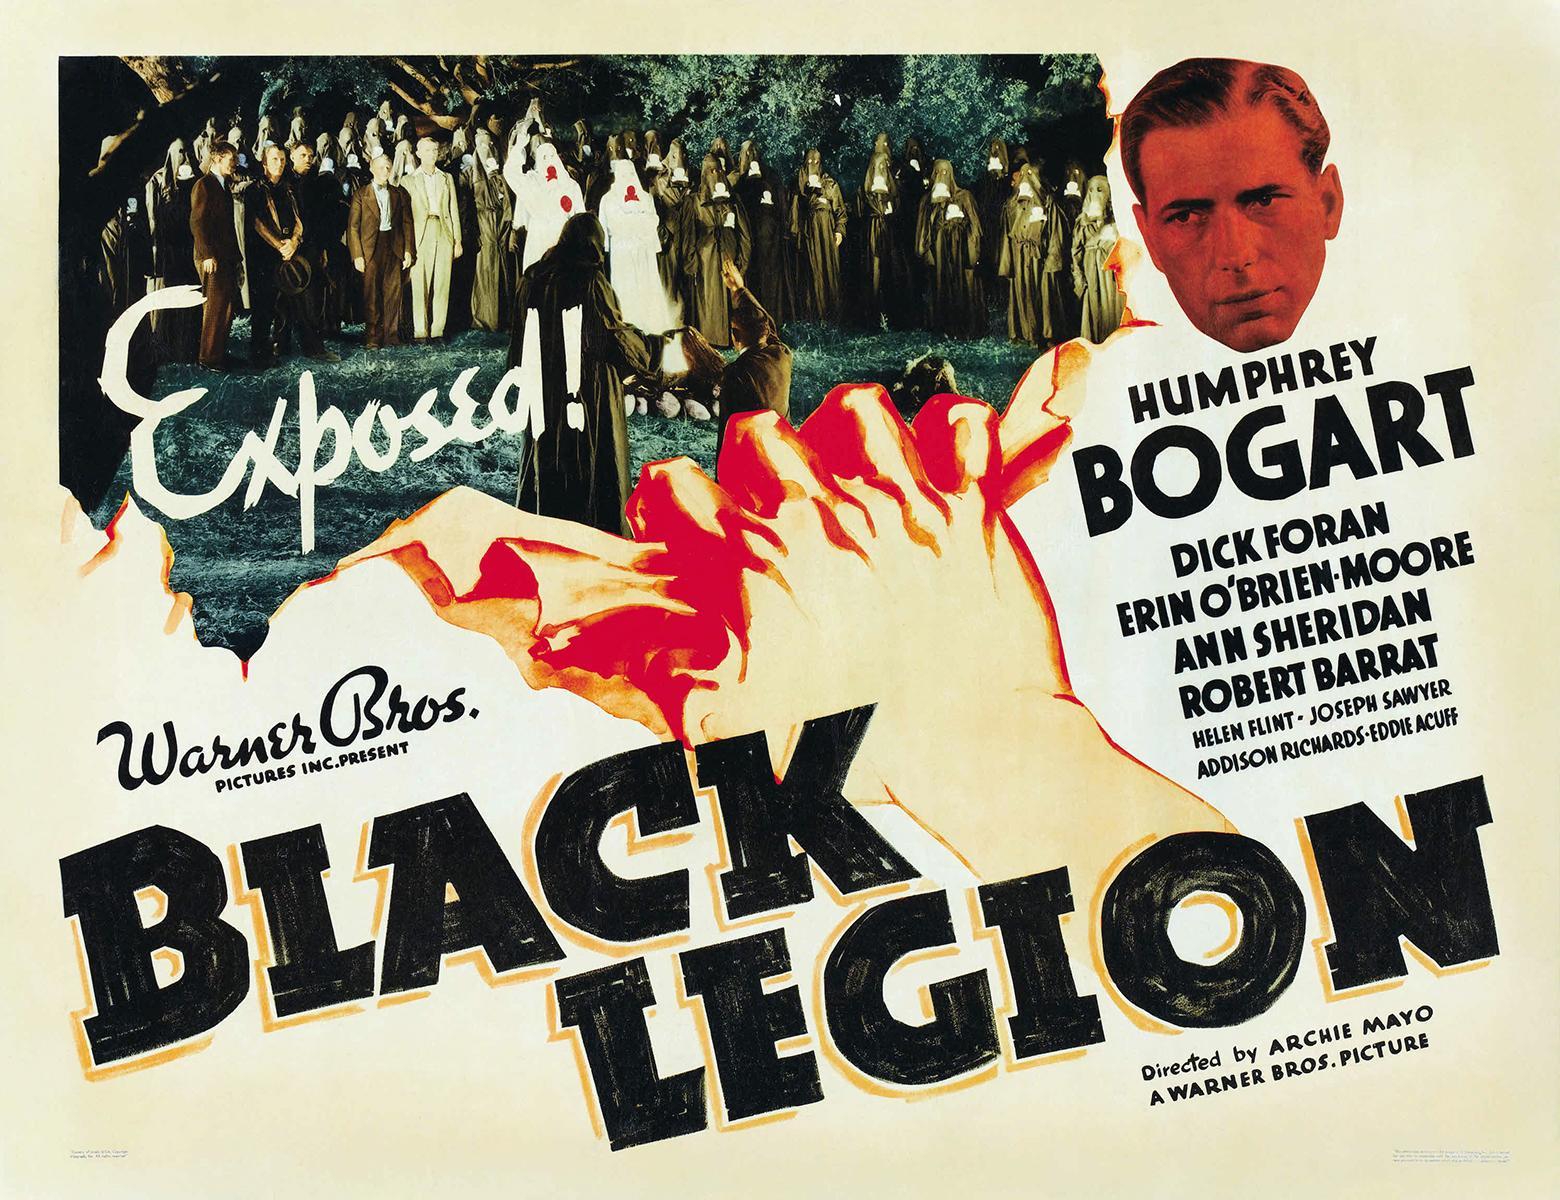 La Legión Negra (1937) Humphrey Bogart